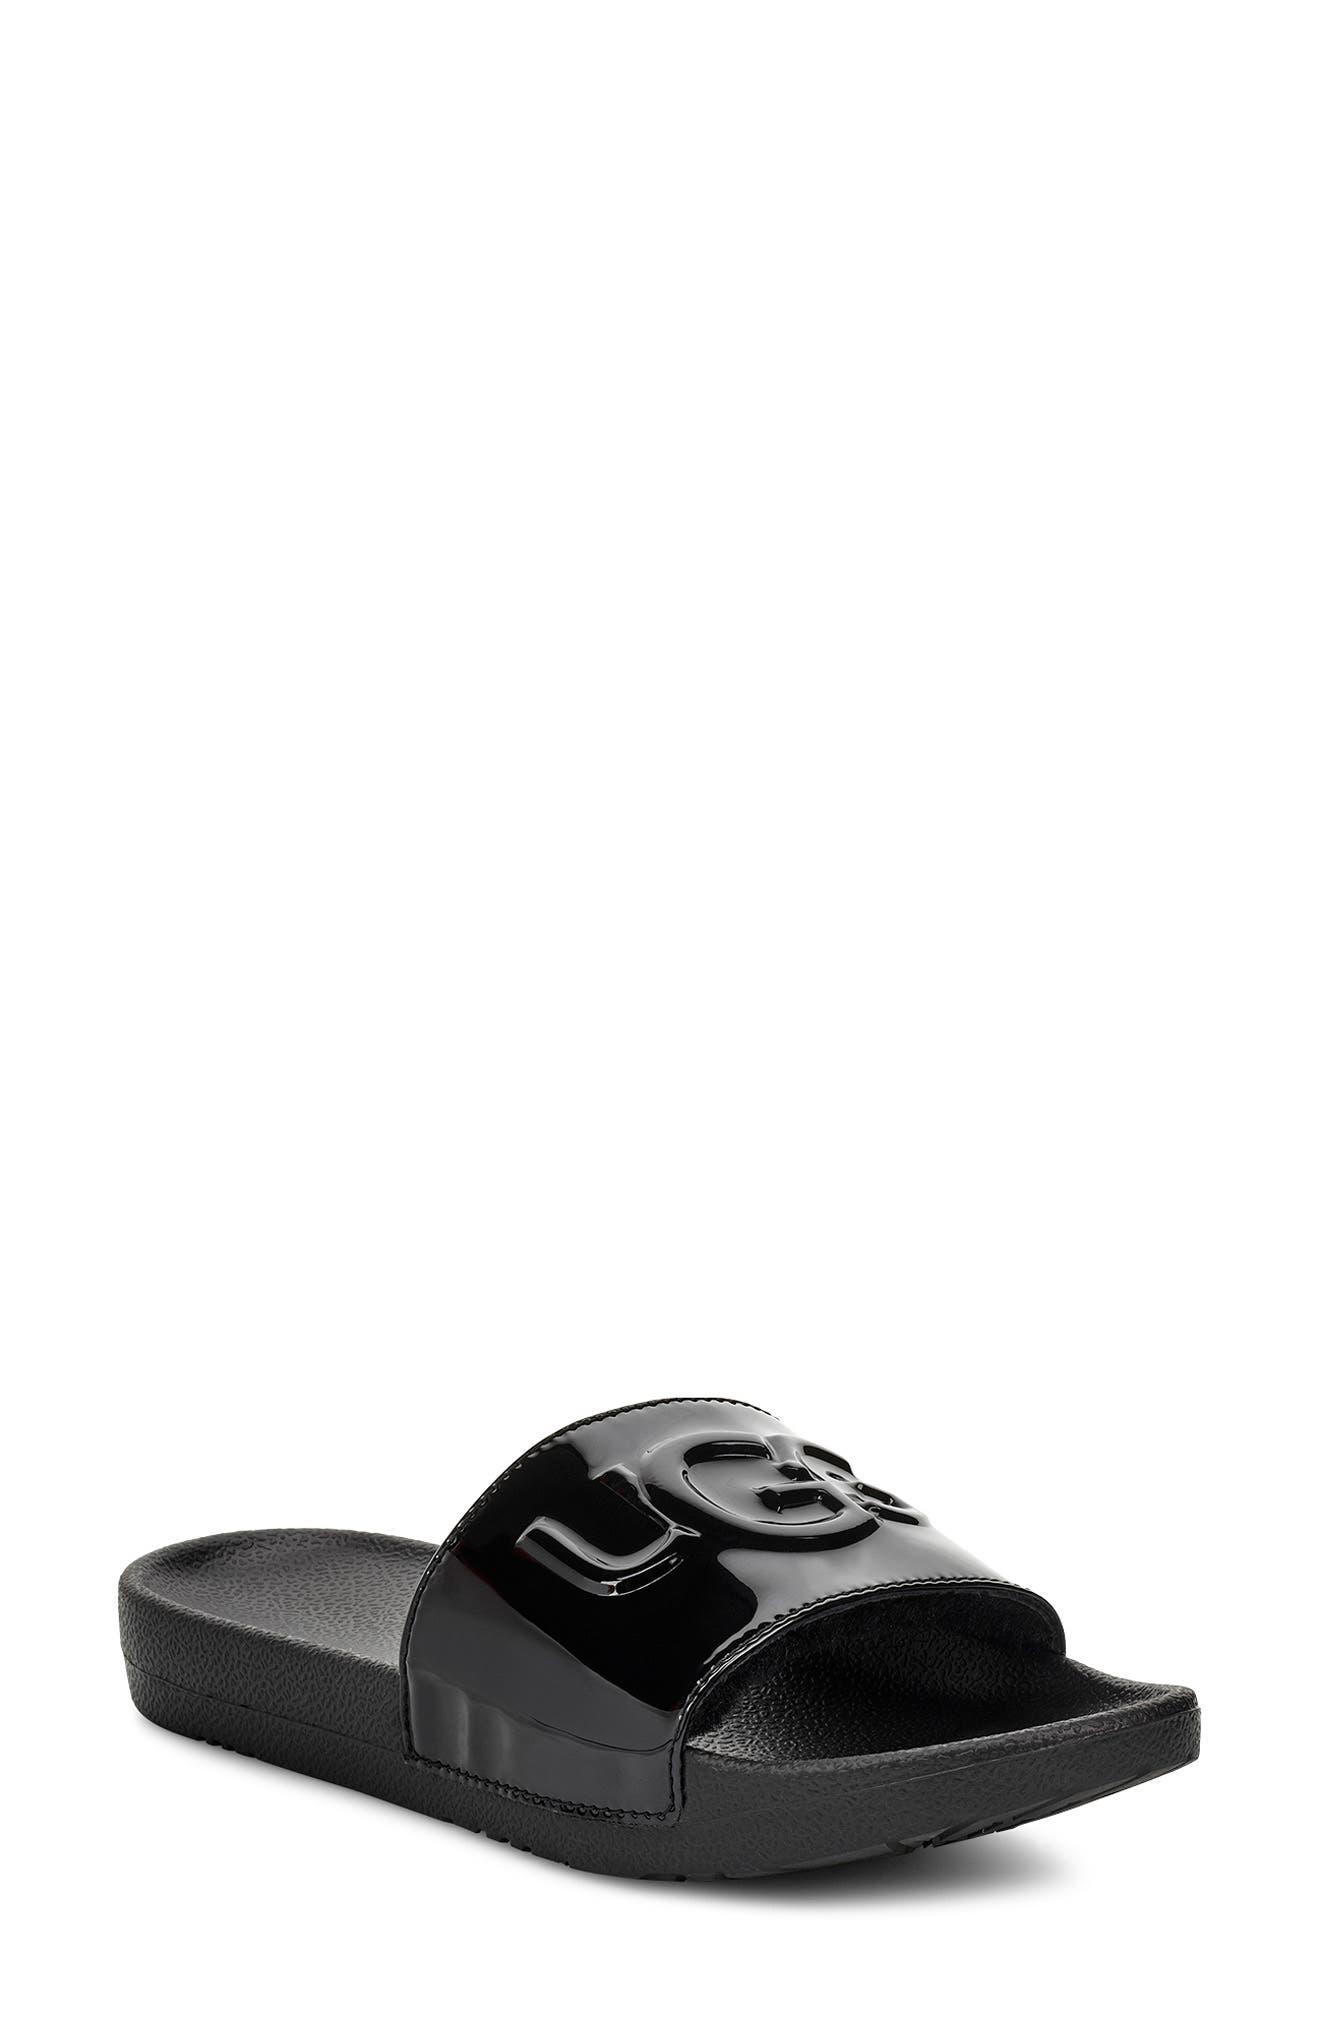 UGG<SUP>®</SUP> Royale Slide Sandal, Main, color, BLACK